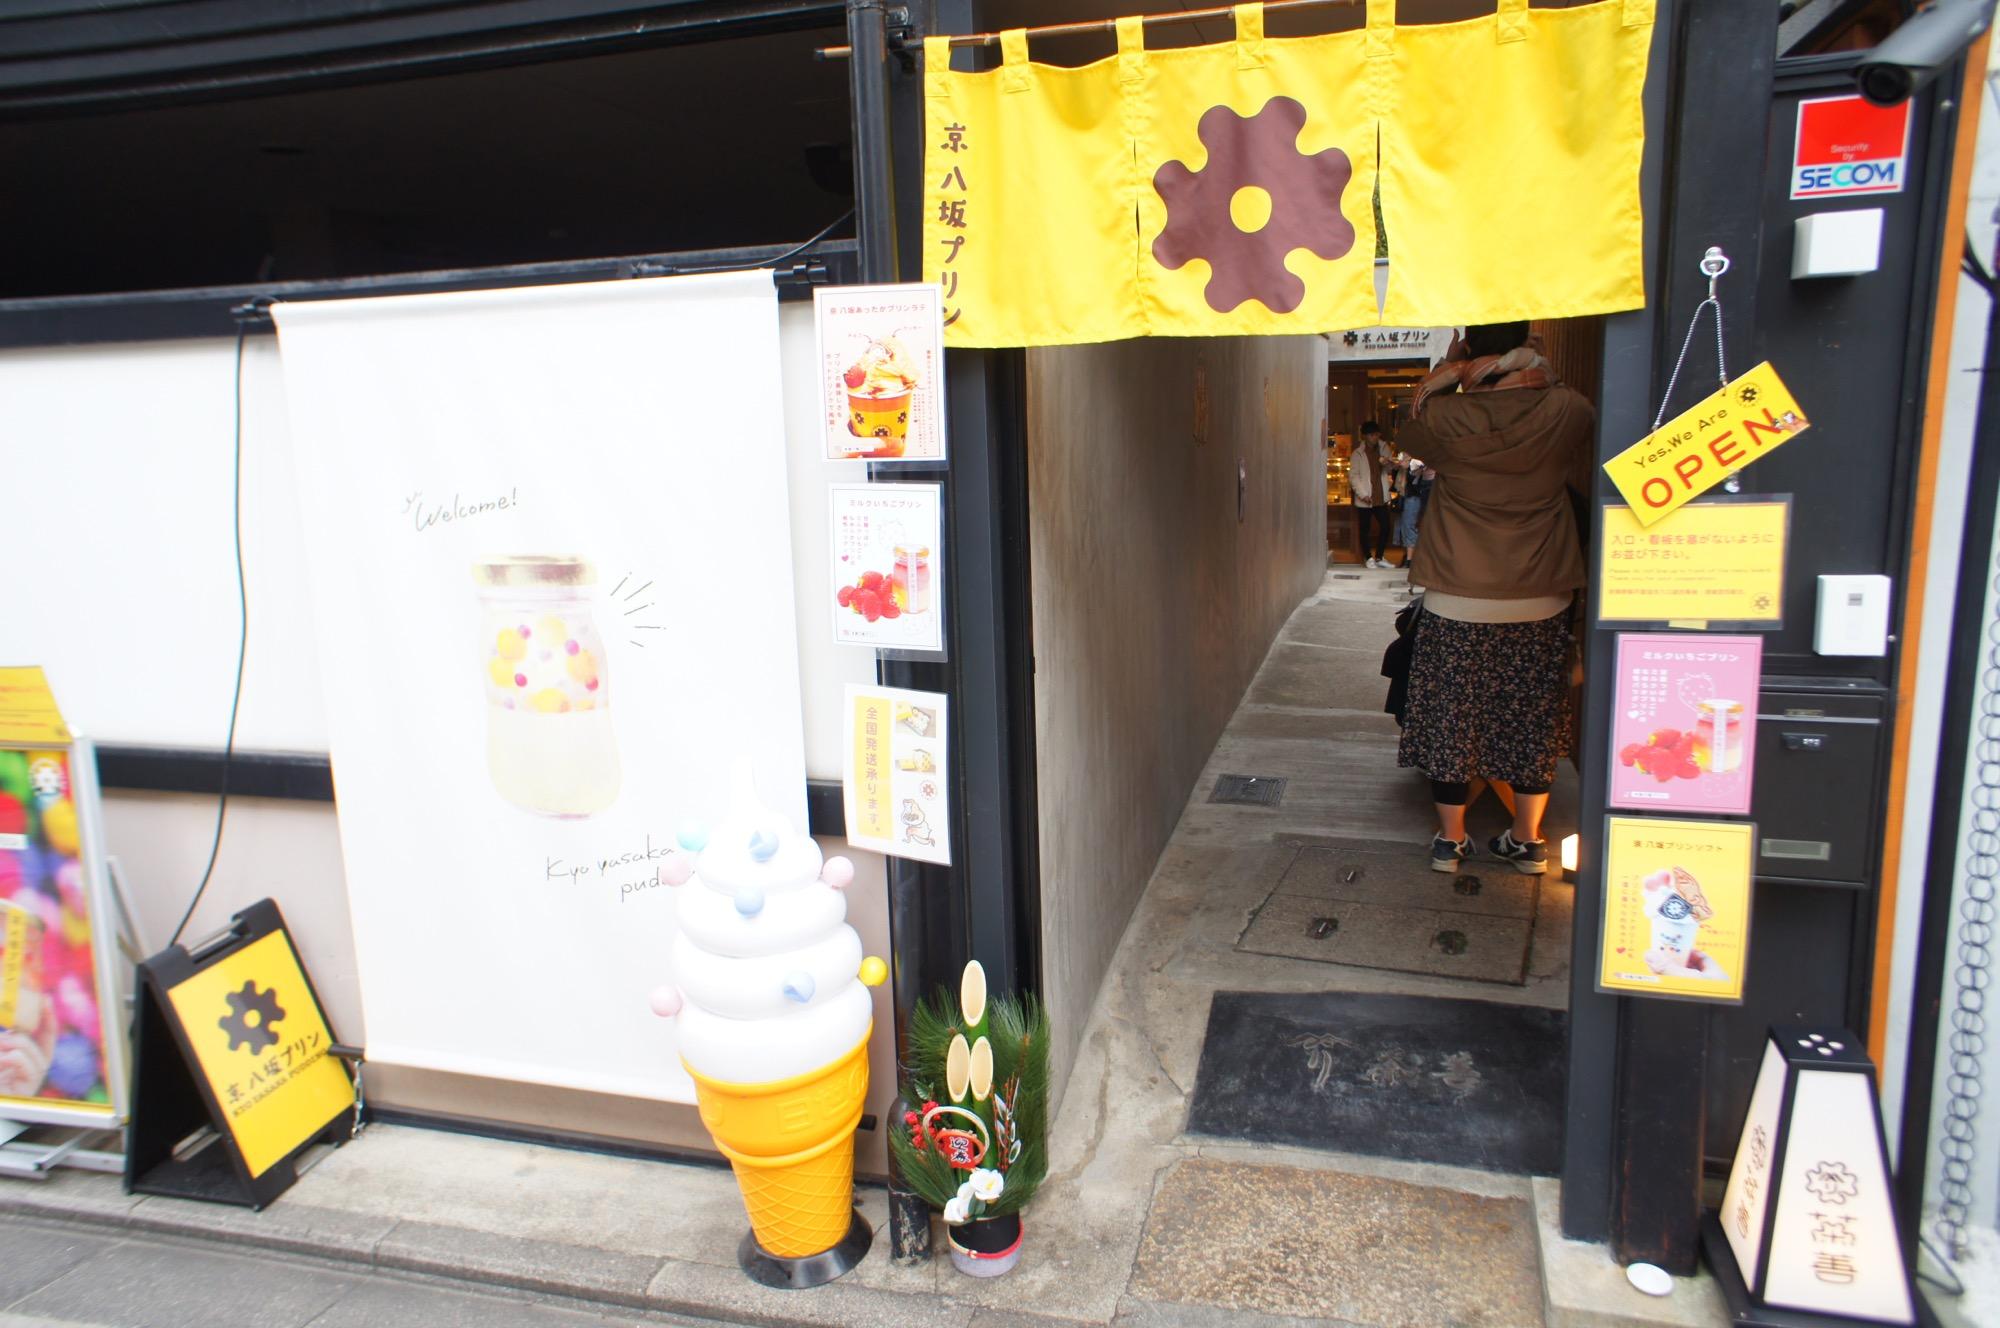 《ご当地MORE✩京都》人気観光スポット❤️東山の【京 八坂プリン】で可愛すぎるラテを飲んできました☻_2